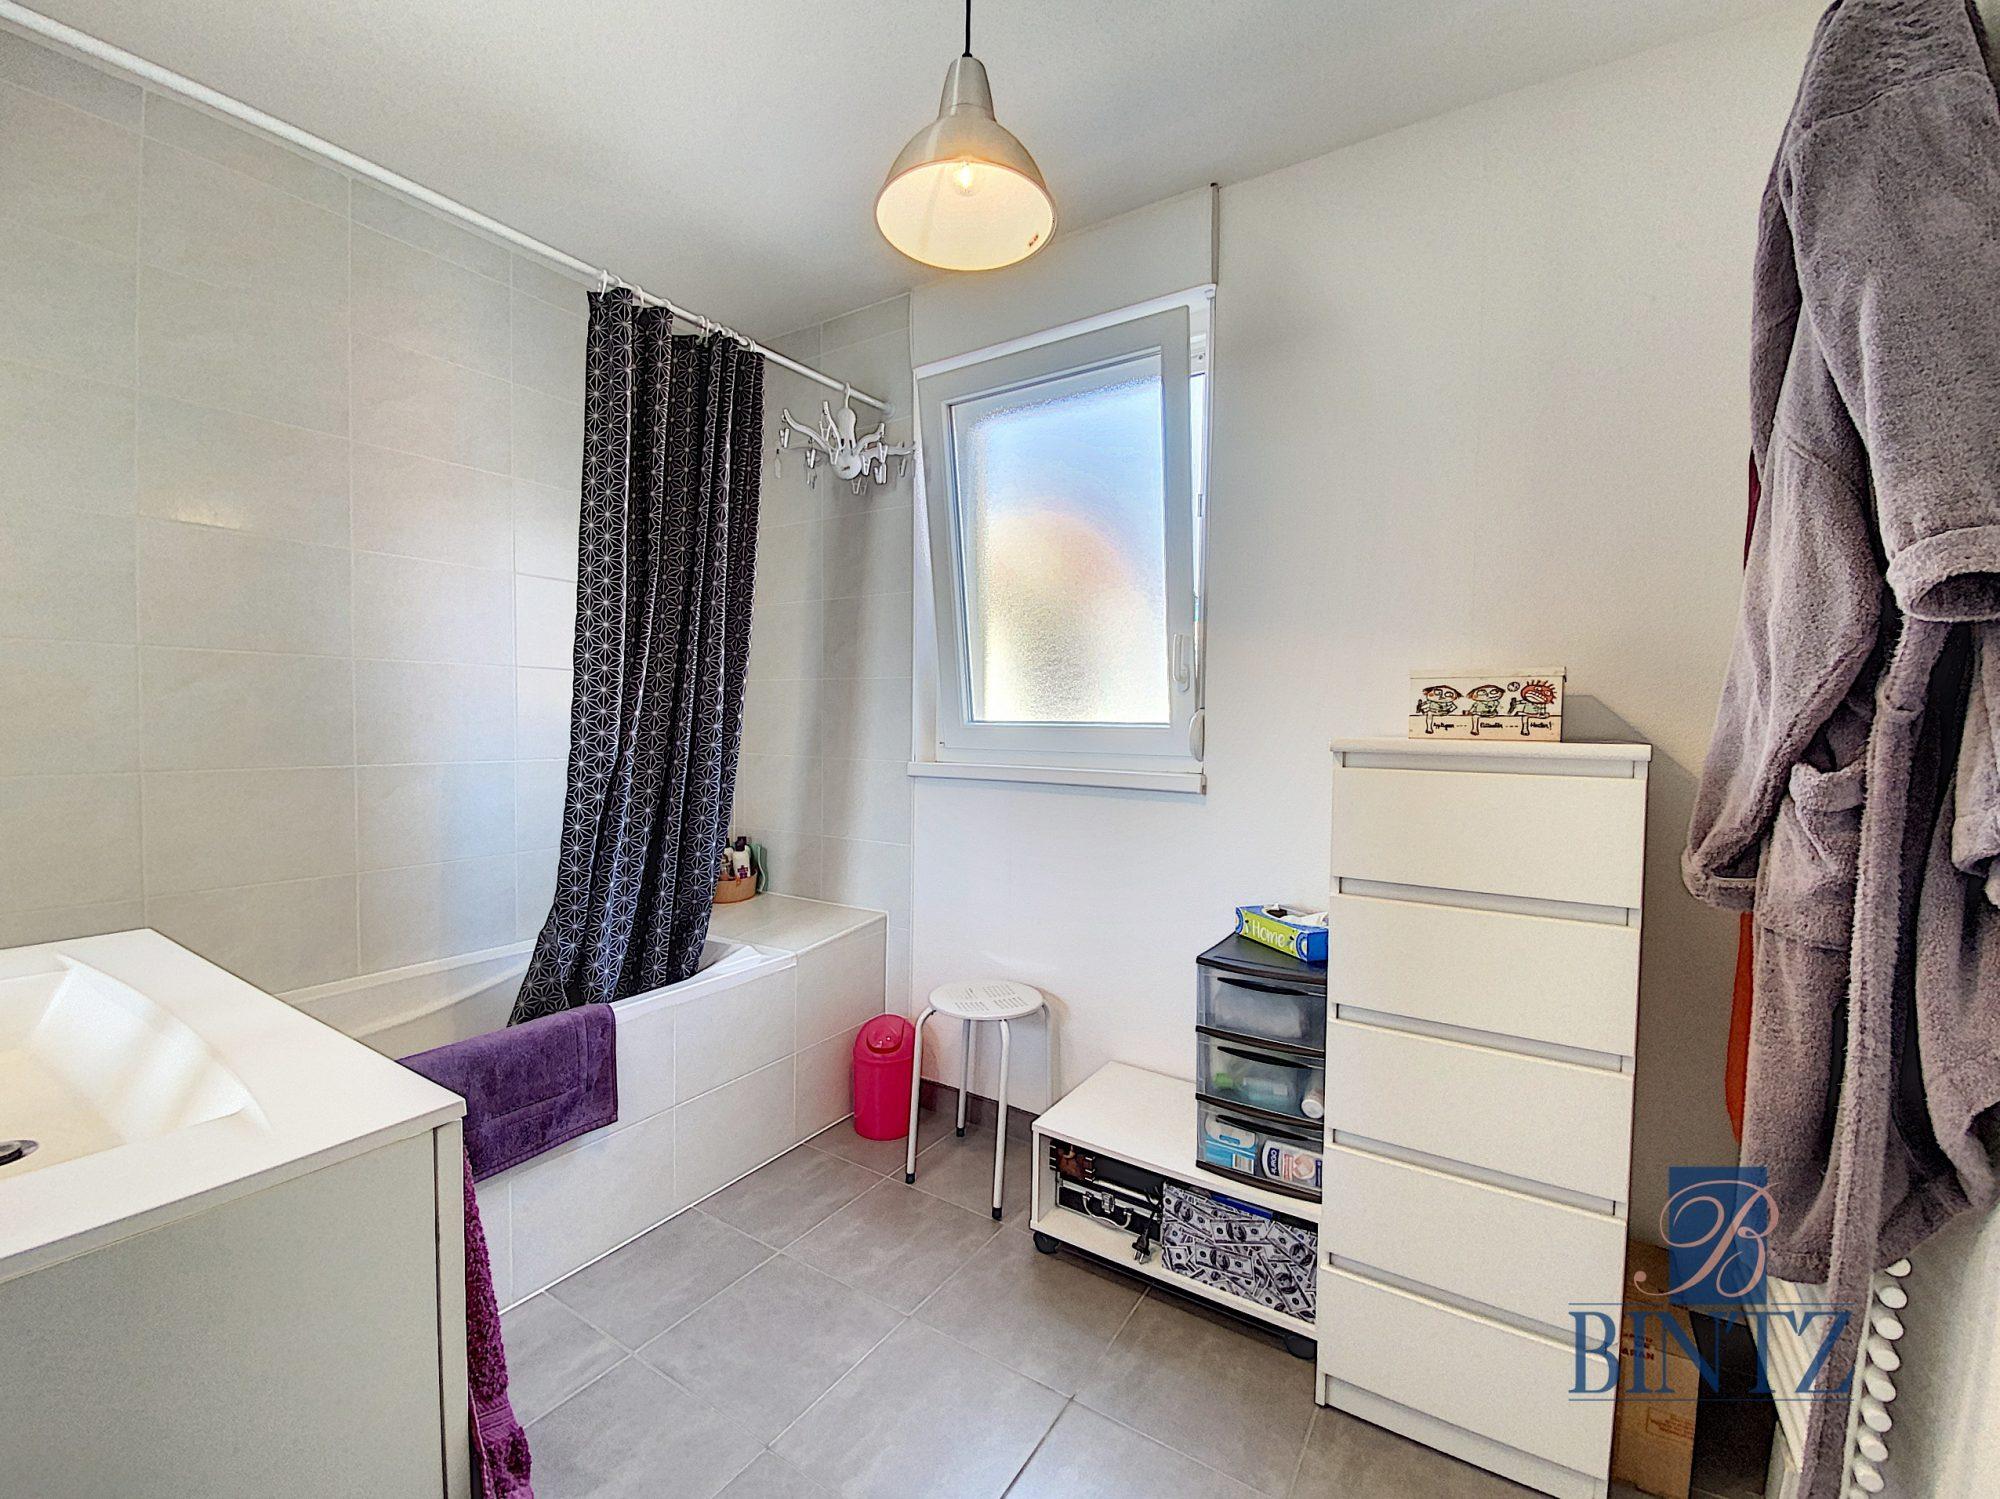 3 pièces neuf avec terrasse Schiltigheim - Devenez propriétaire en toute confiance - Bintz Immobilier - 12